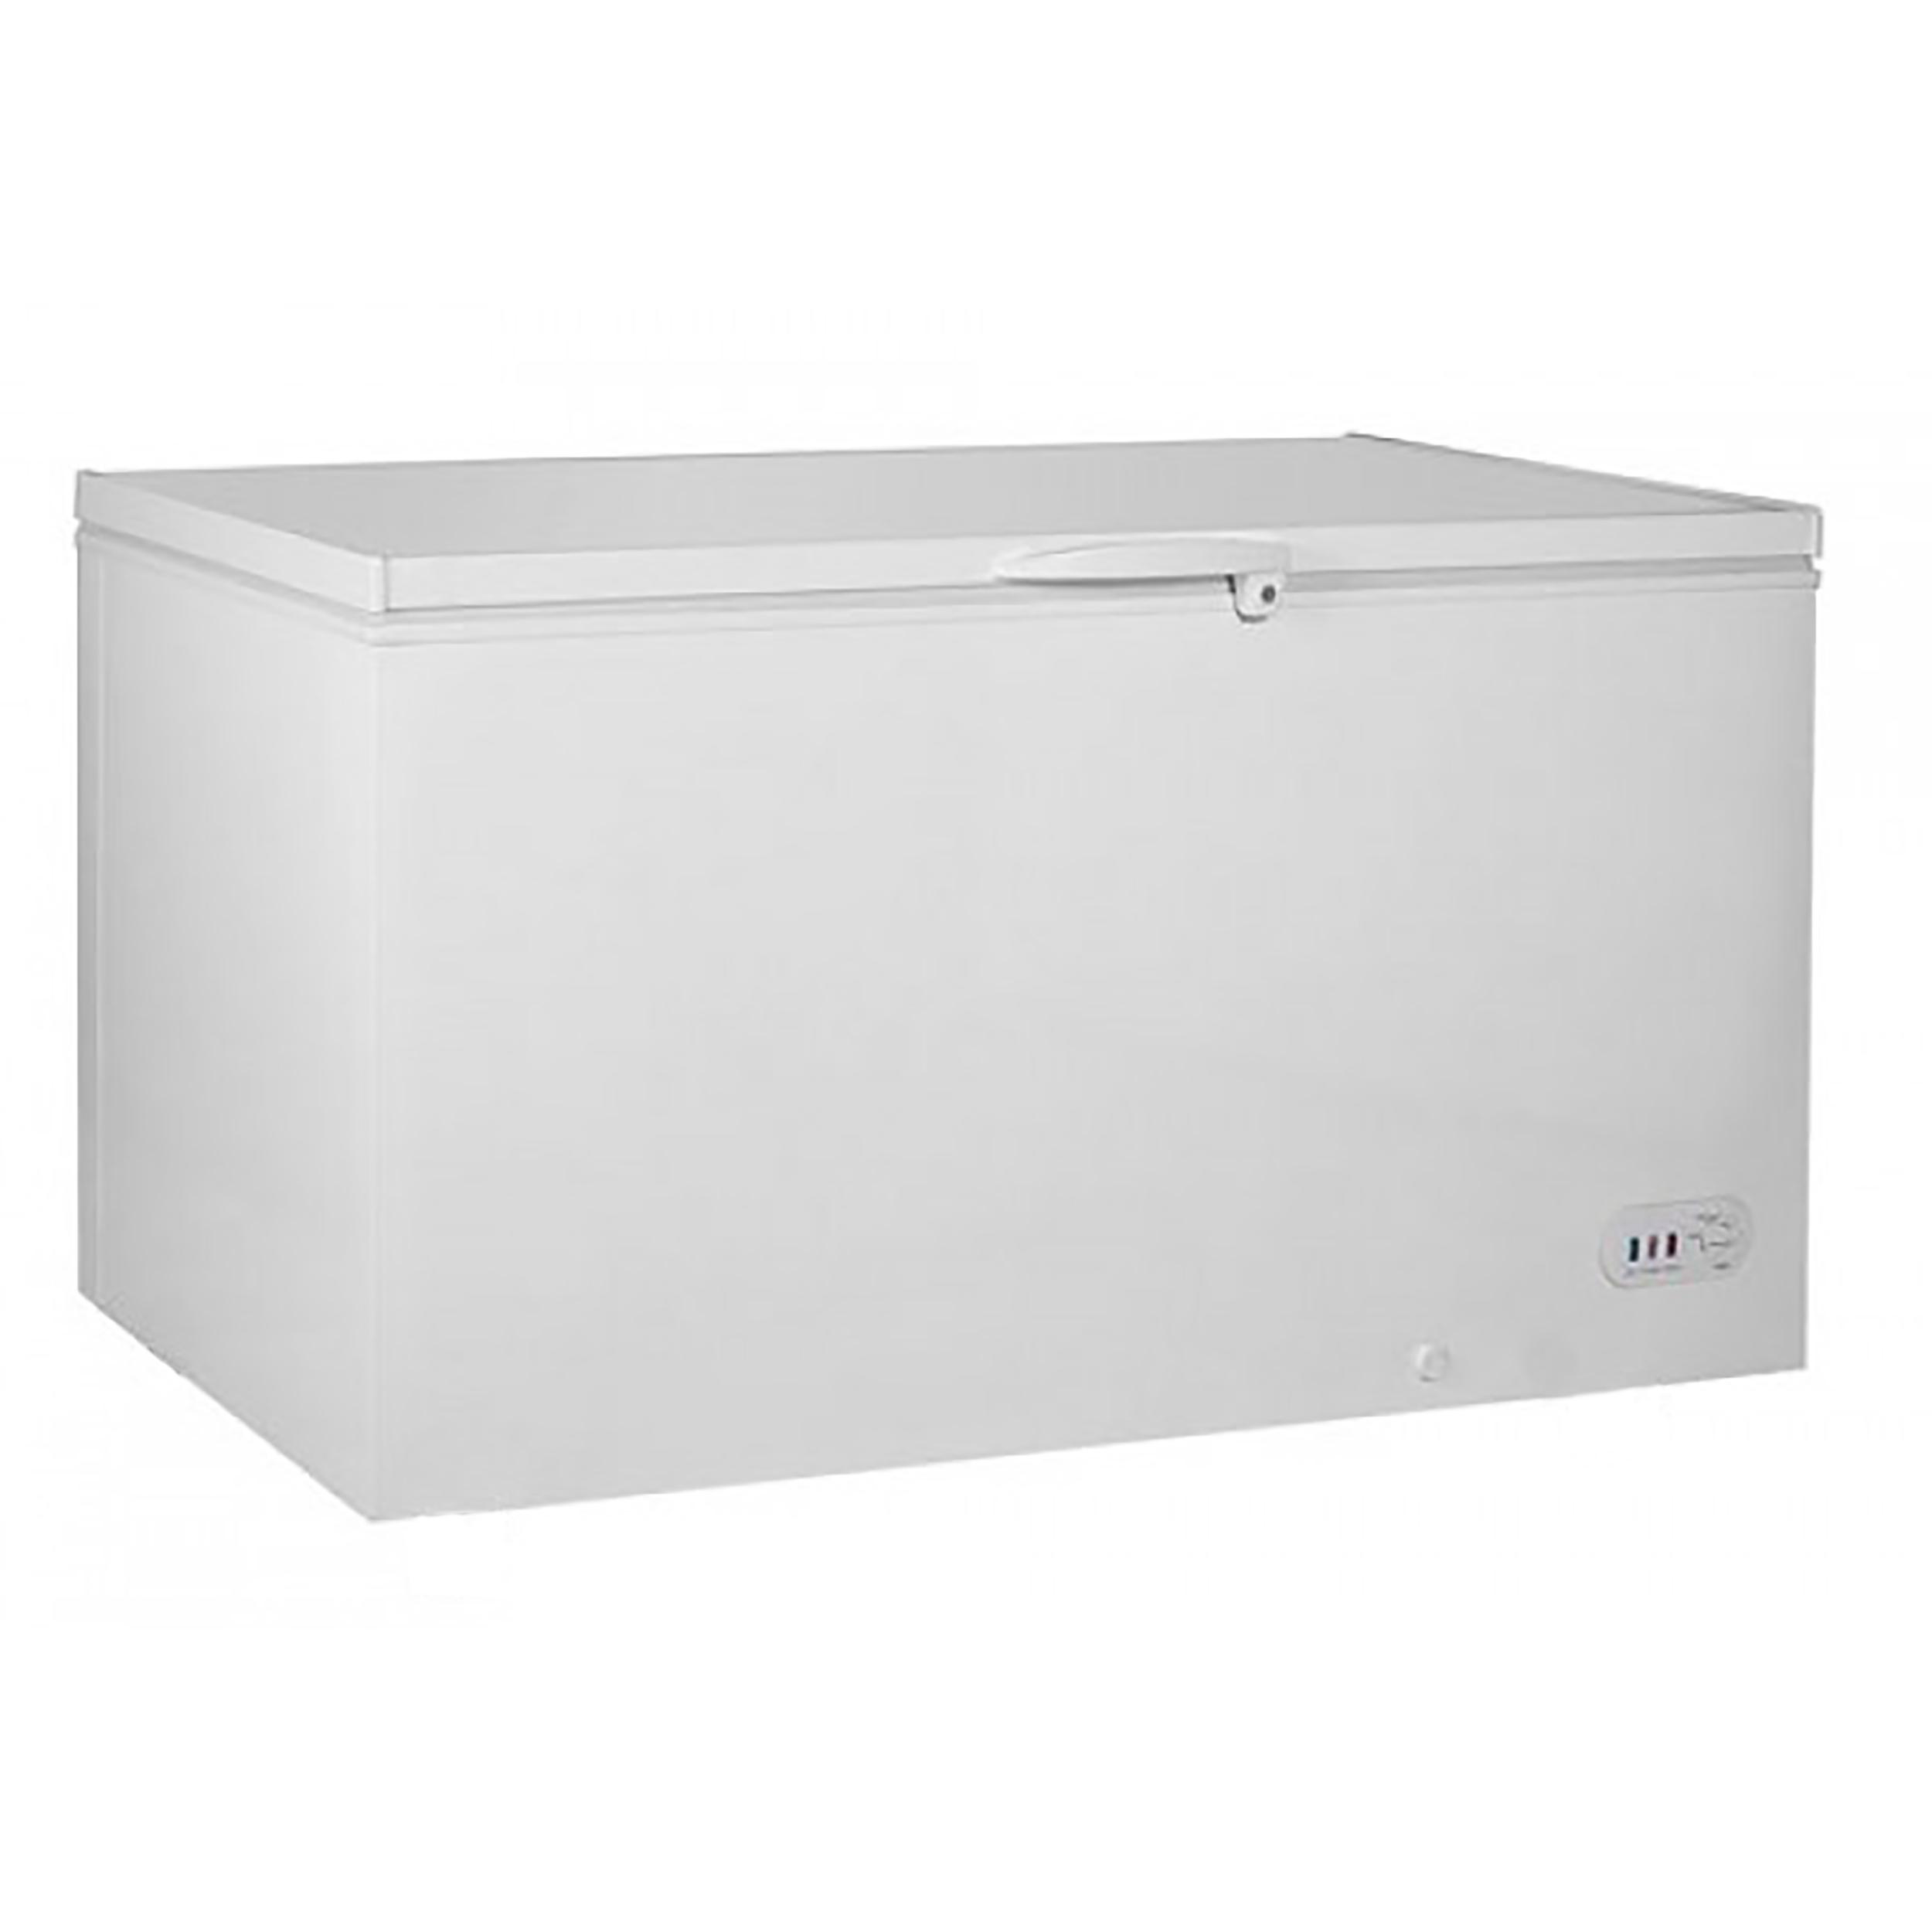 Adcraft (Admiral Craft Equipment) BDCF-13R chest freezer